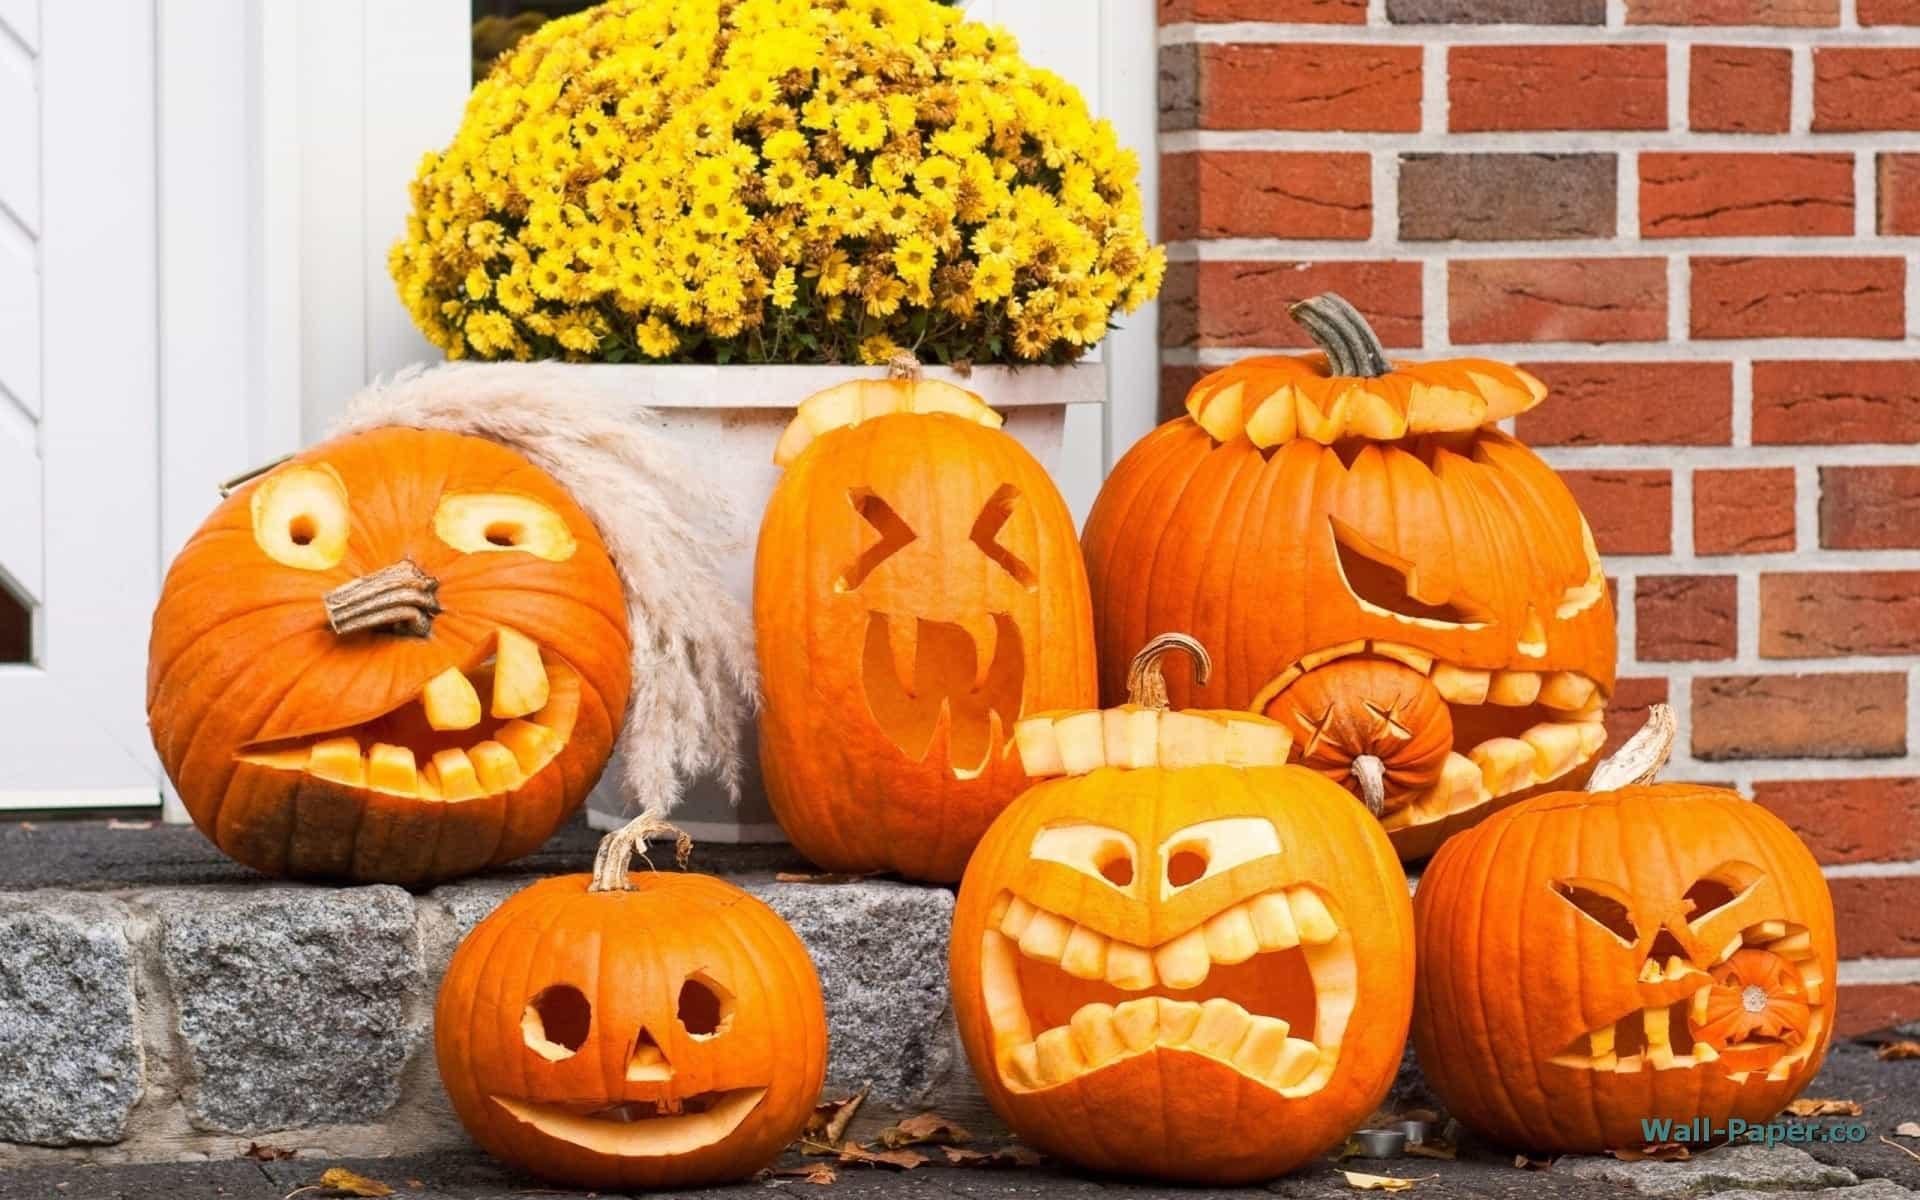 Come intagliare la zucca di Halloween con i bambini - Moondo 540d0cbe3eed